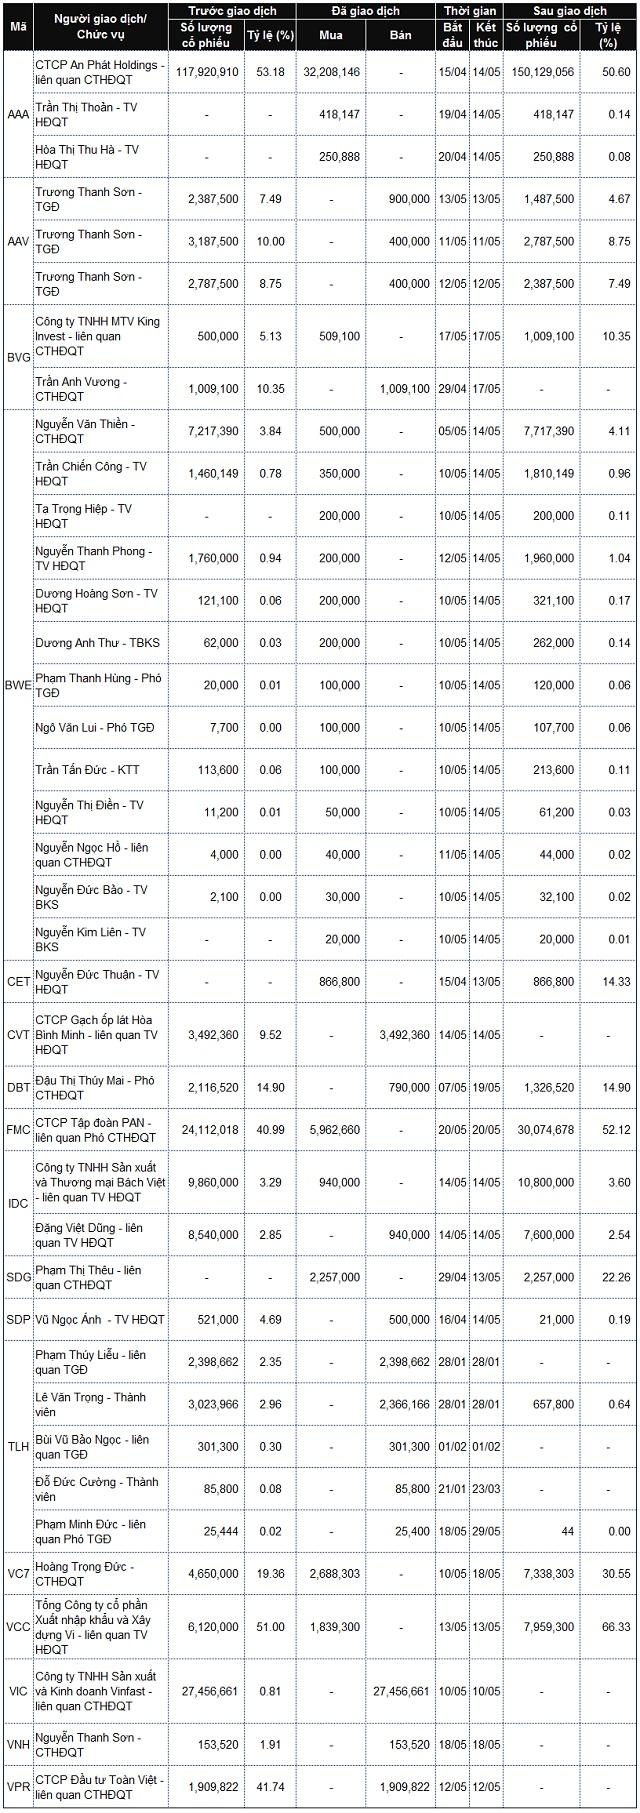 Lãnh đạo mua bán cổ phiếu: Đua nhau thoái vốn